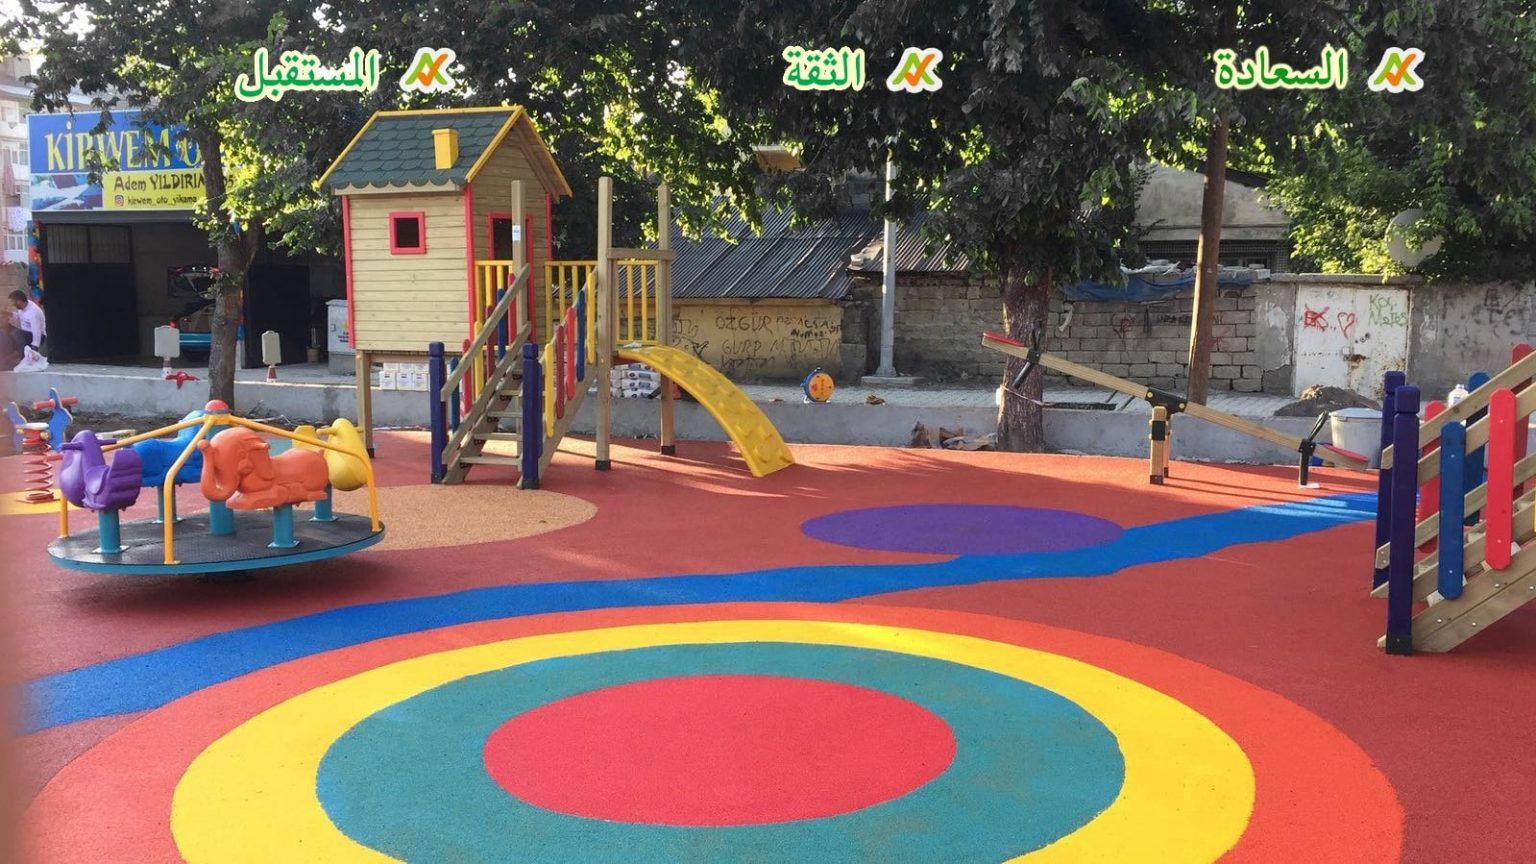 Apark2-min